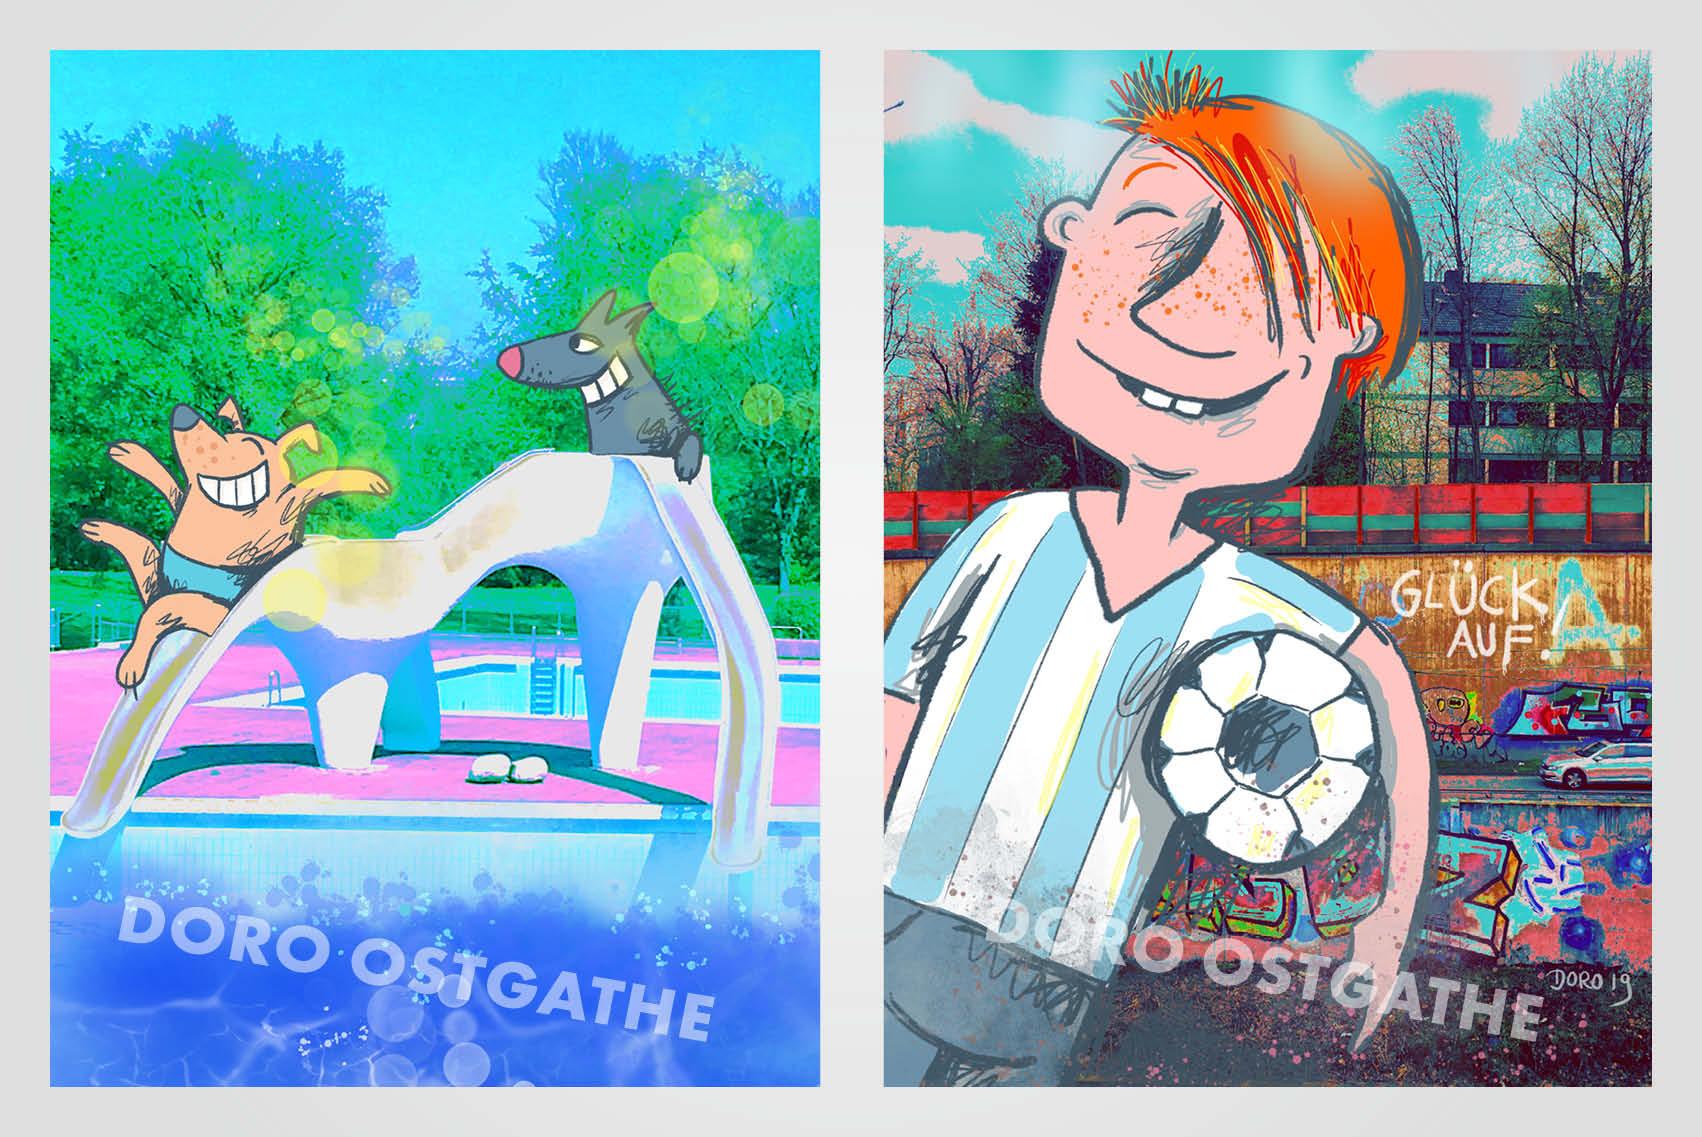 illustration-ruhrpott-ruhrgebiet-kunst-07.jpg